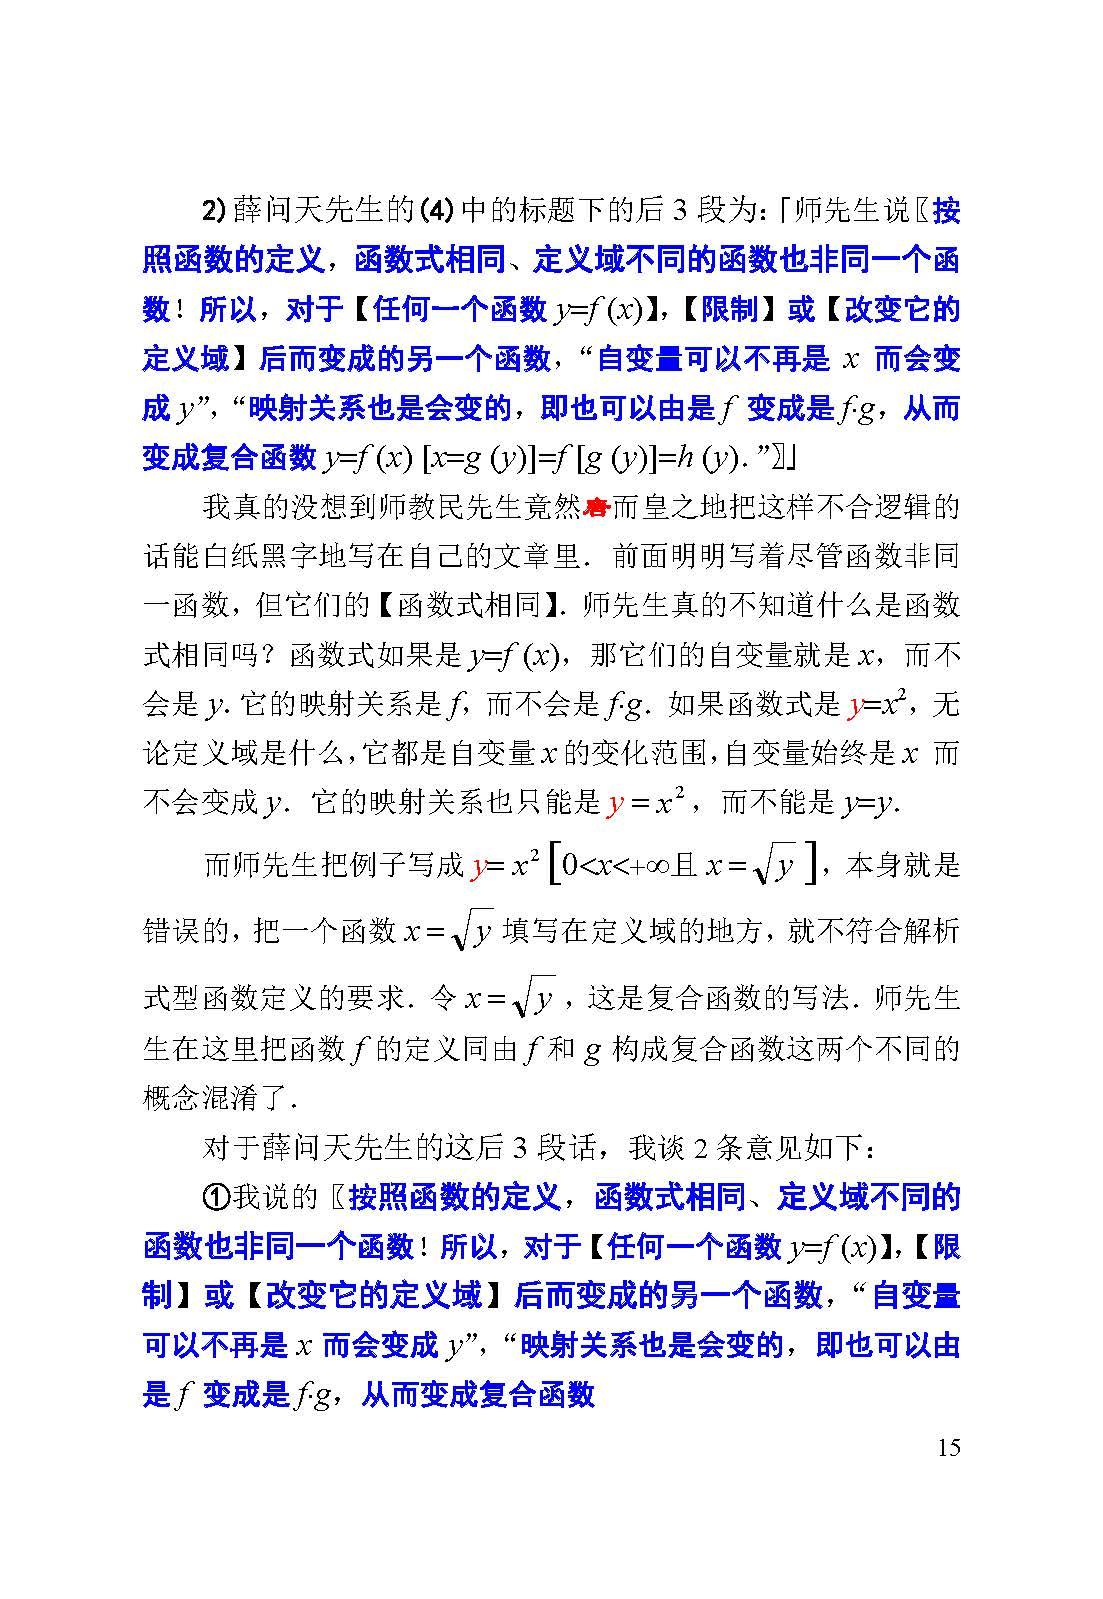 评薛问天先生的文章0408_页面_15.jpg